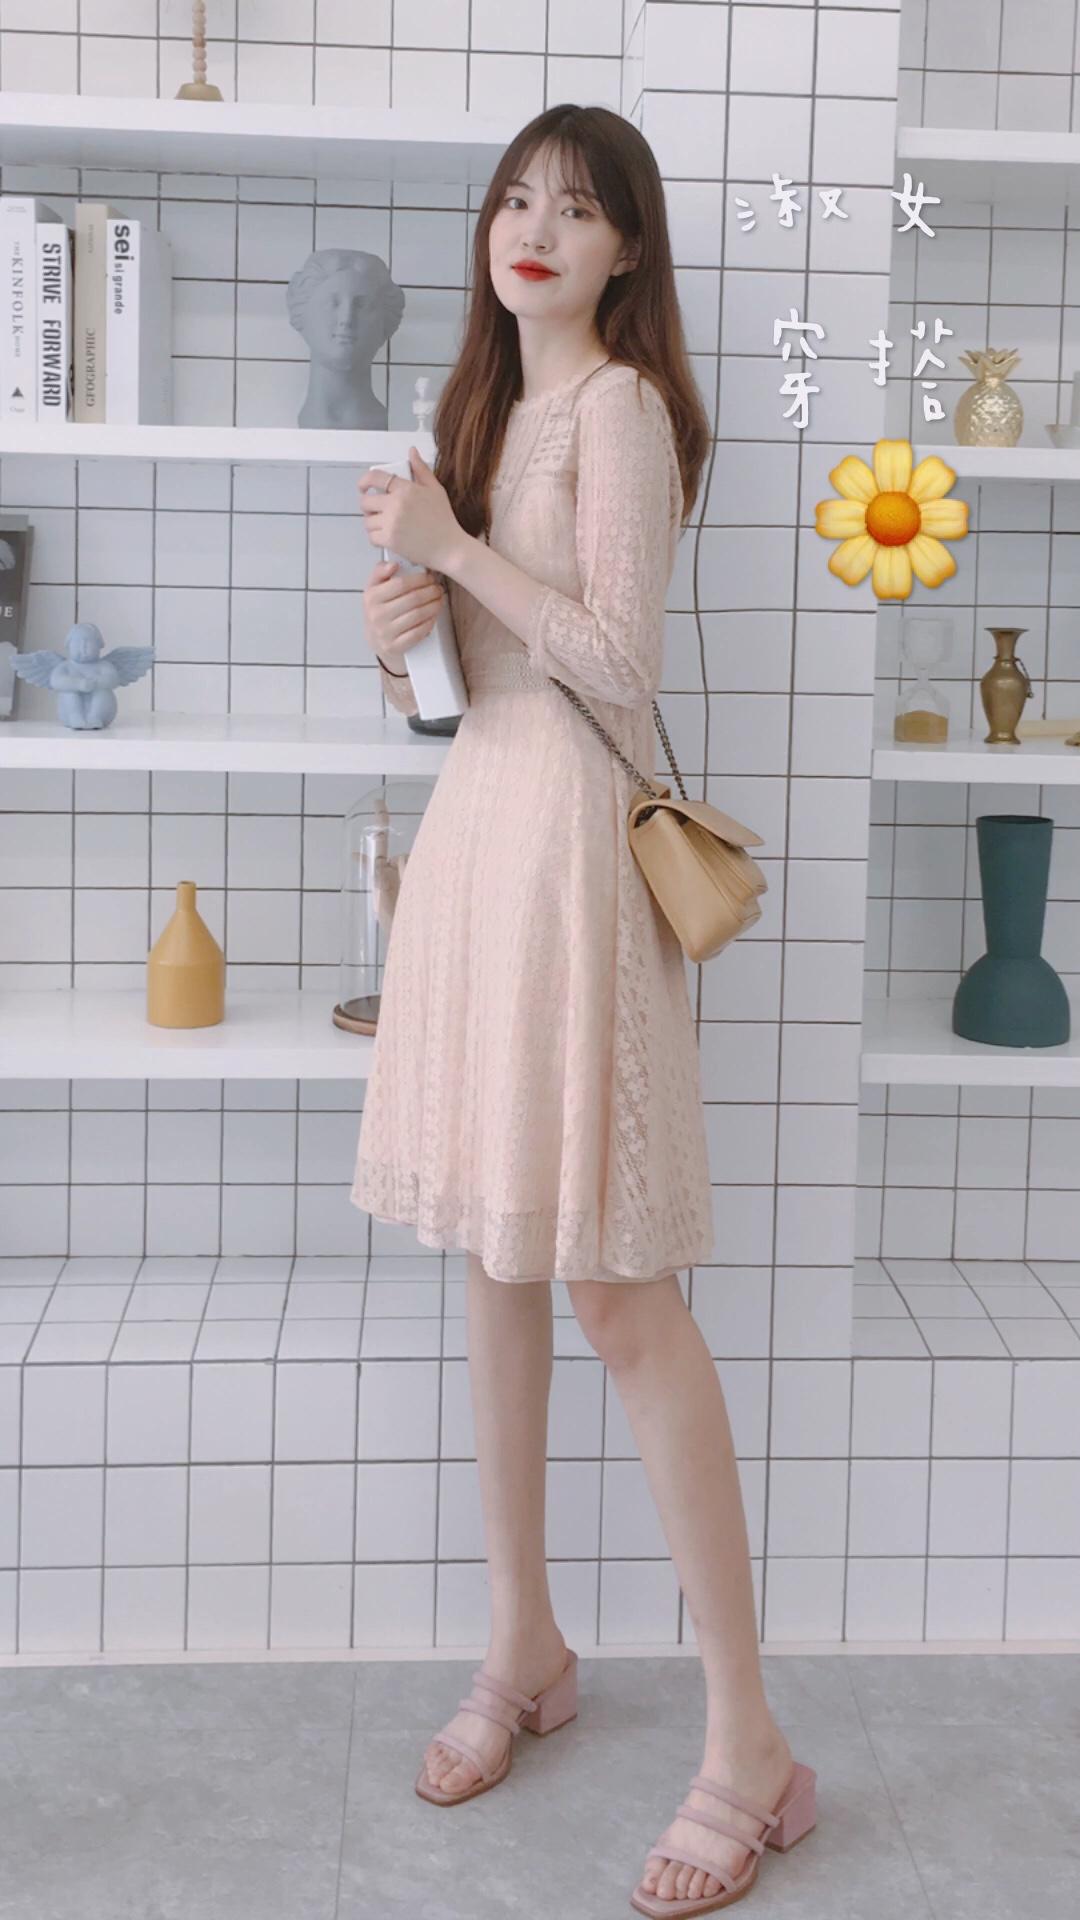 #水蜜桃季,穿成这样才讨喜!# 连衣裙:伊芙丽 黄色链条包:startown 凉鞋:pinkpunkplank 🌼🌼🌼